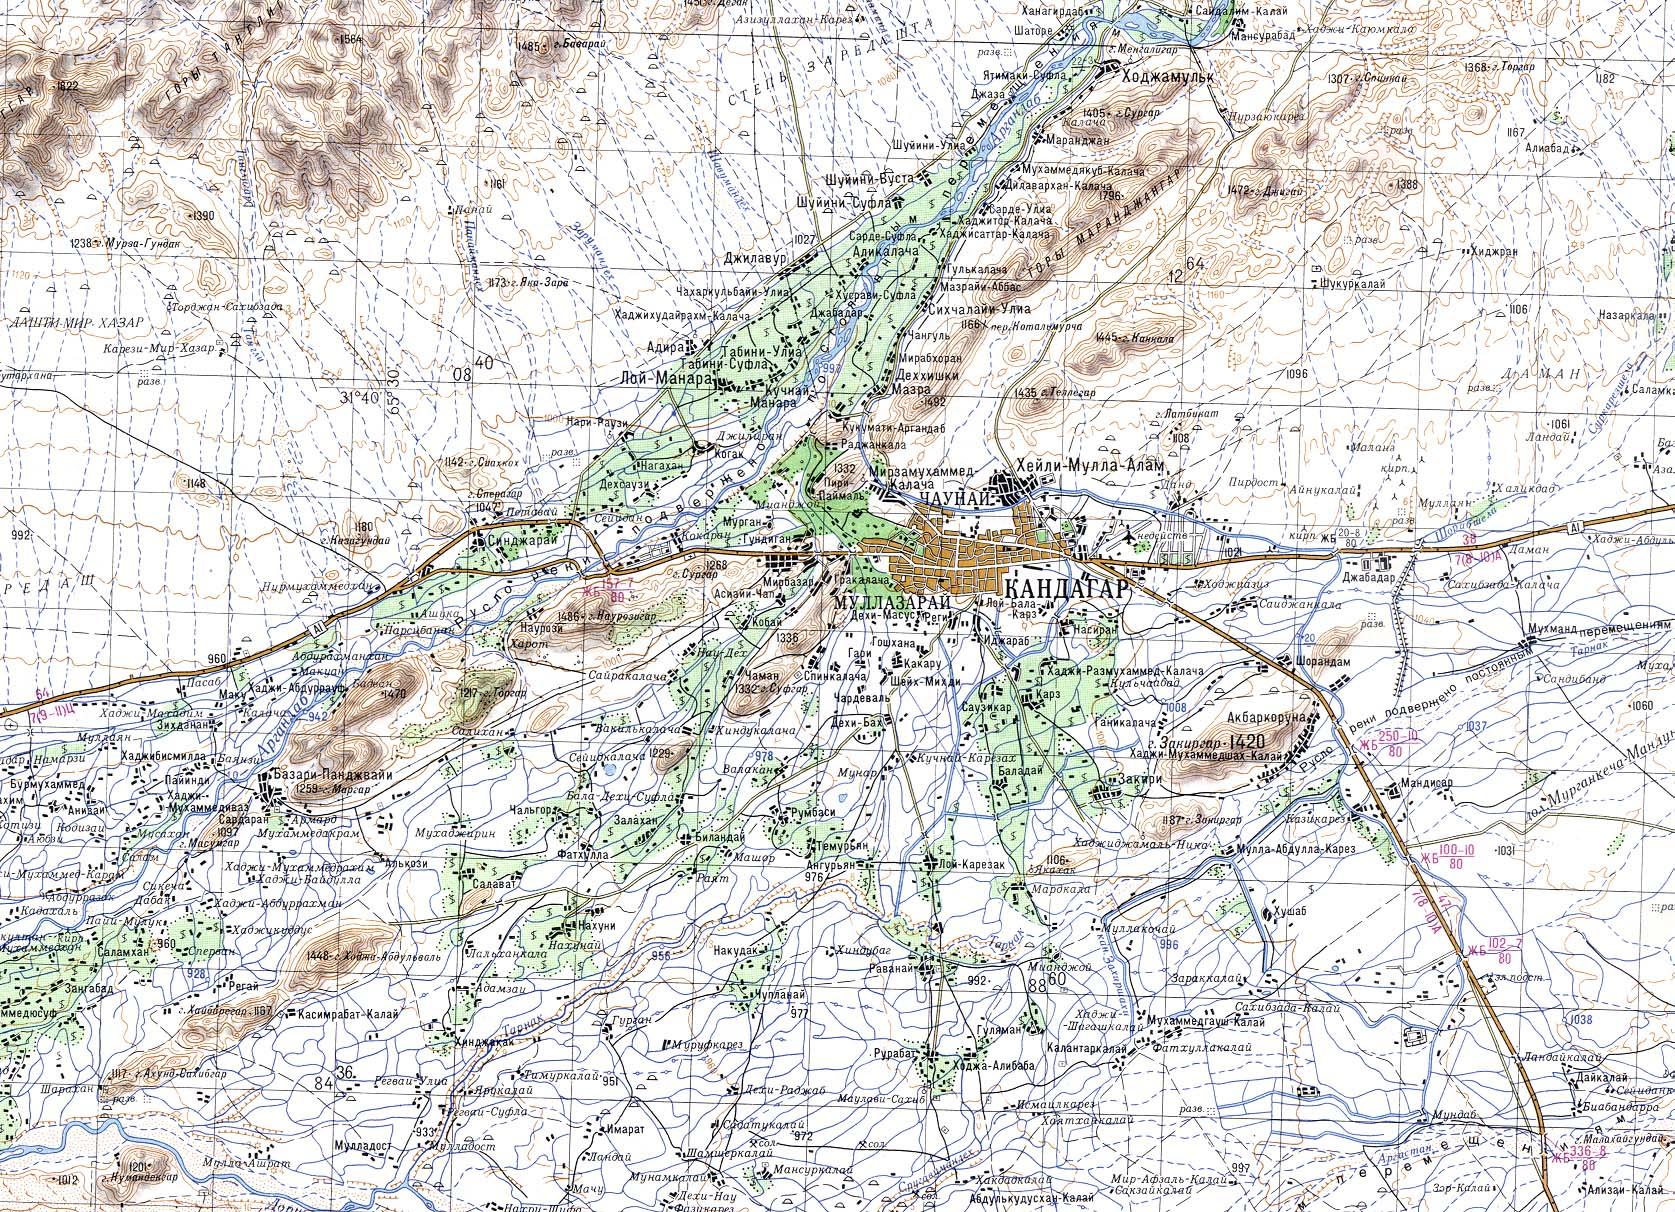 Kandahar Area Topo Map Kandahar Afghanistan mappery